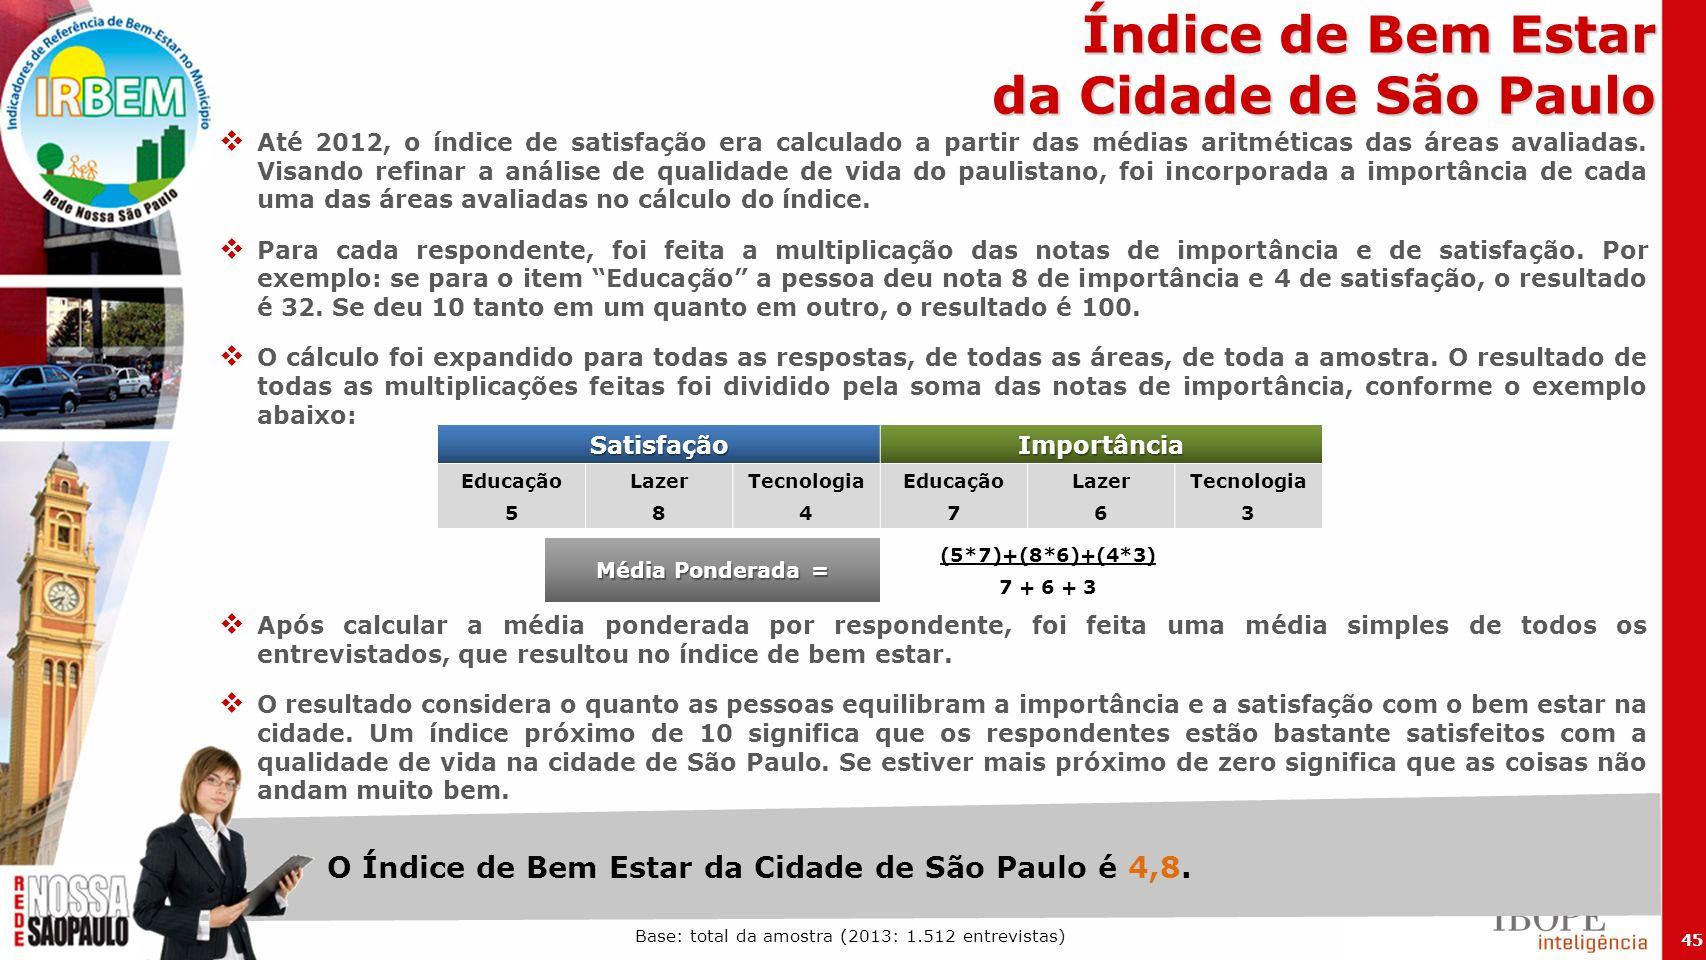 Índice de Bem Estar da Cidade de São Paulo